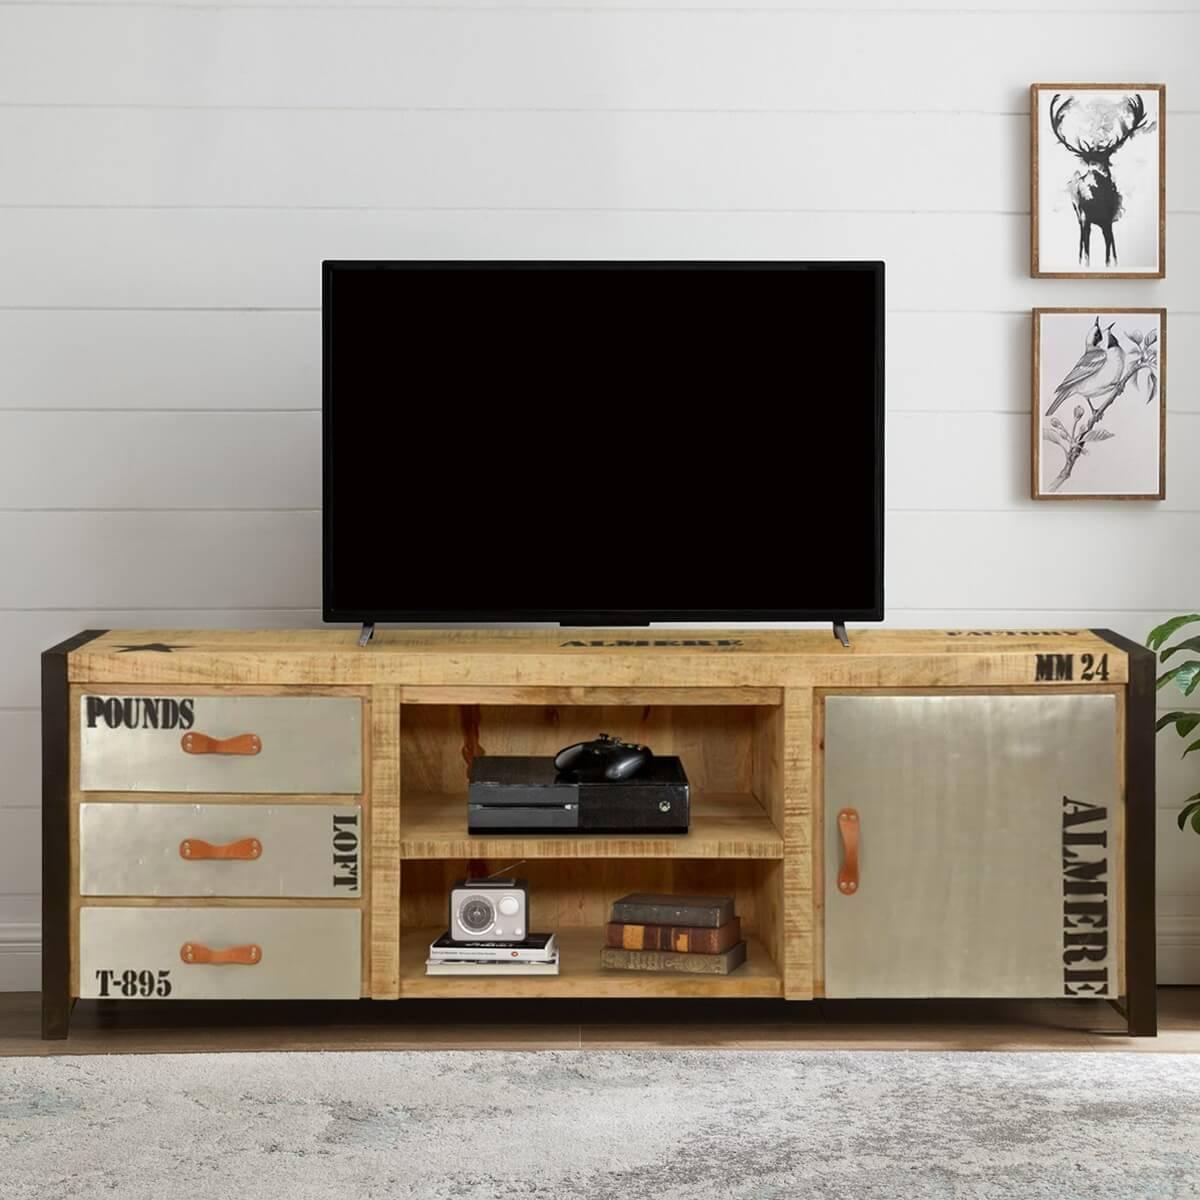 Dai un'occhiata ai nostri mobili e oggetti decorativi e fai i pieno di ispirazione! Industrial Natural Mango Wood Iron Tv Console Media Cabinet